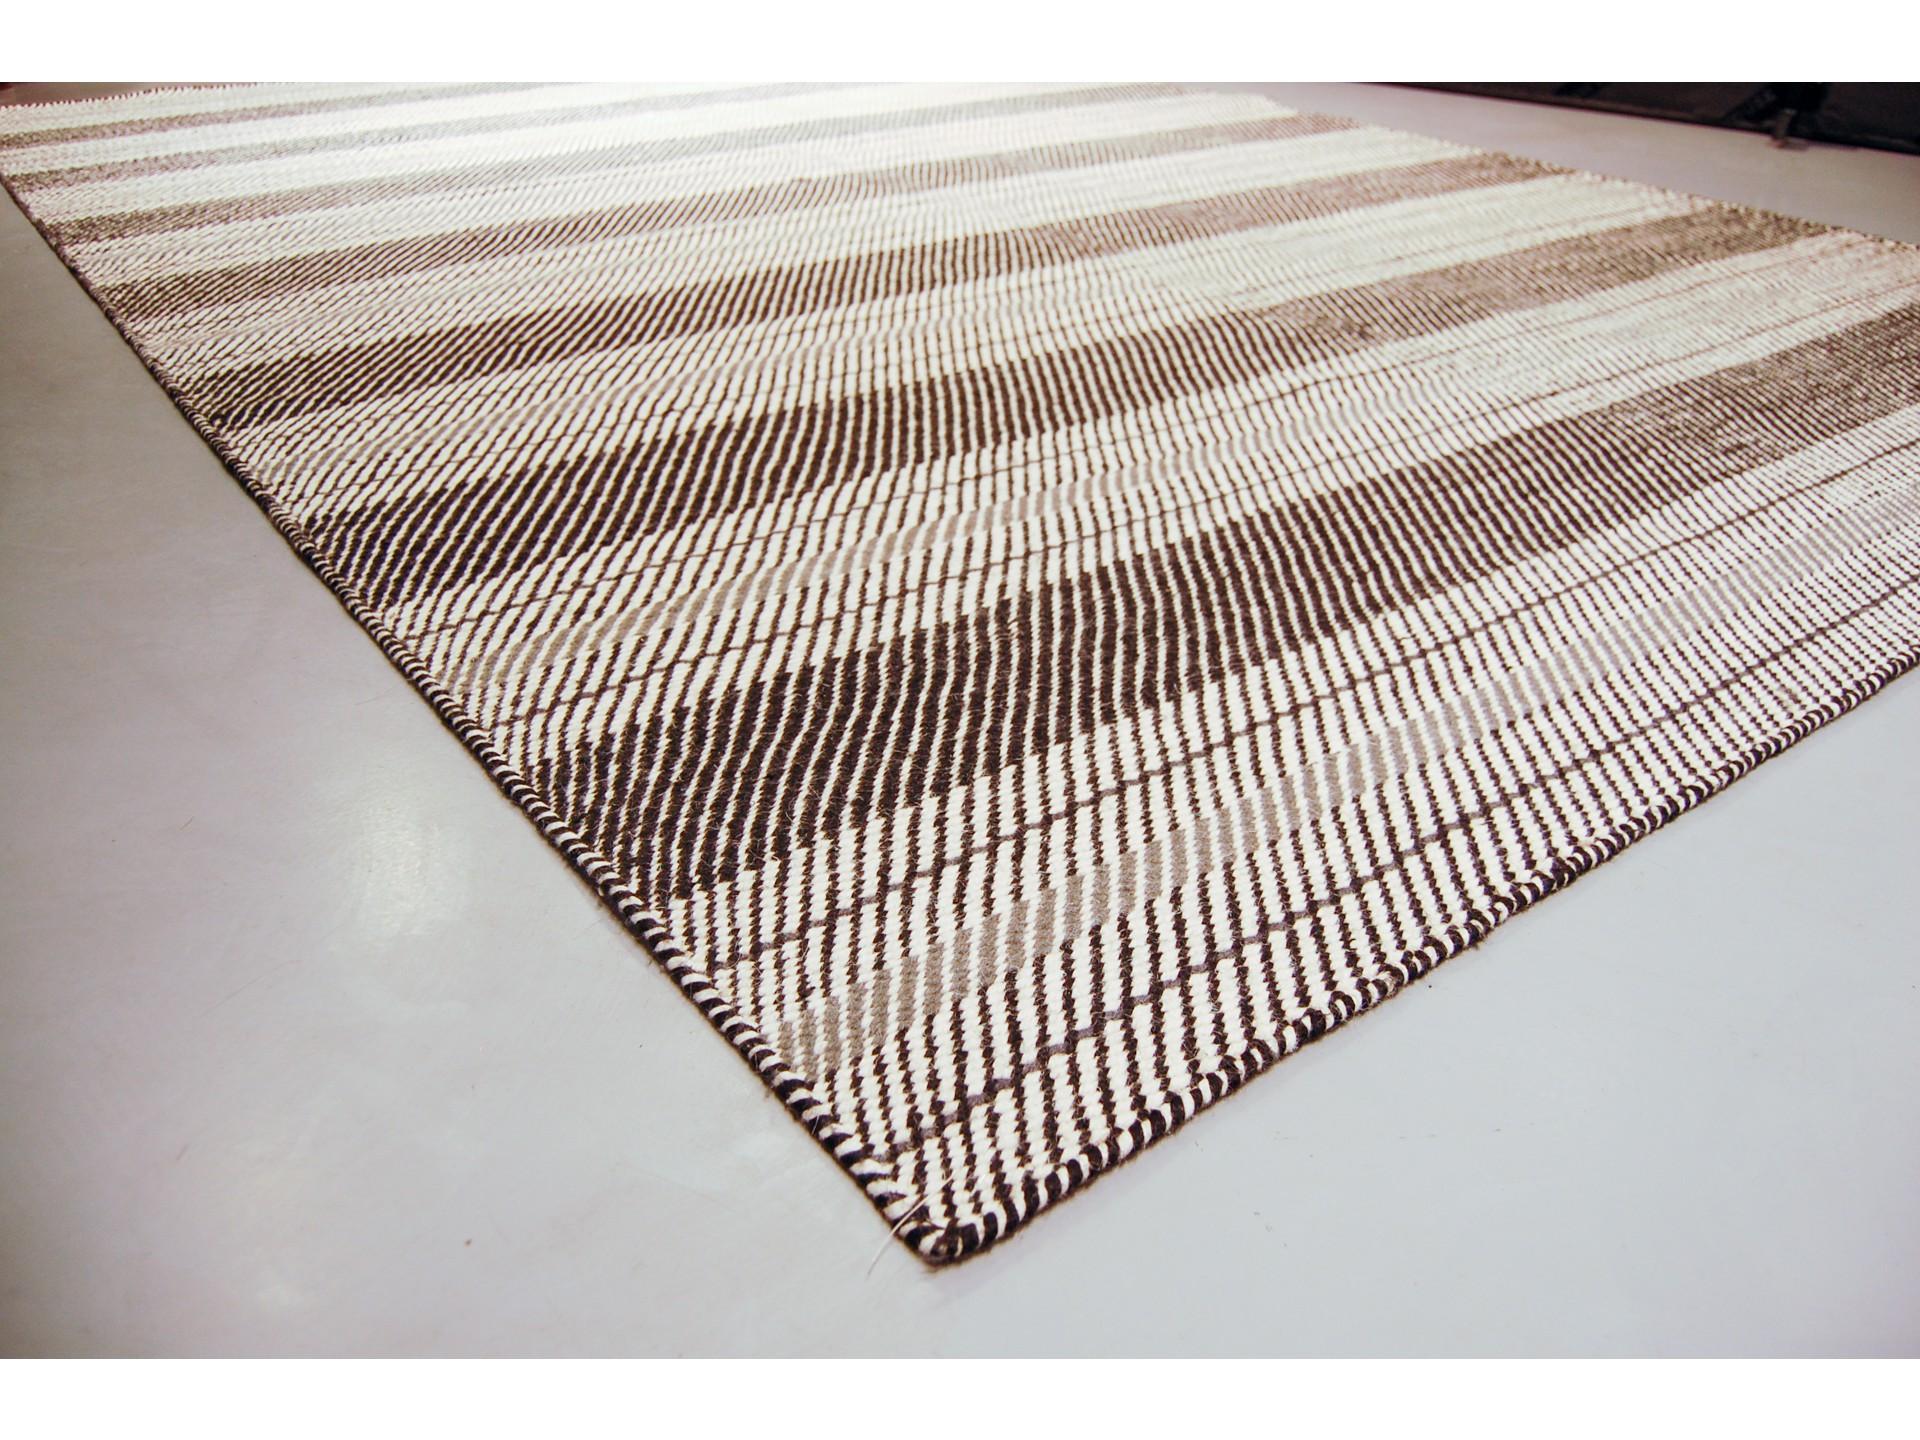 Karpet Airbag